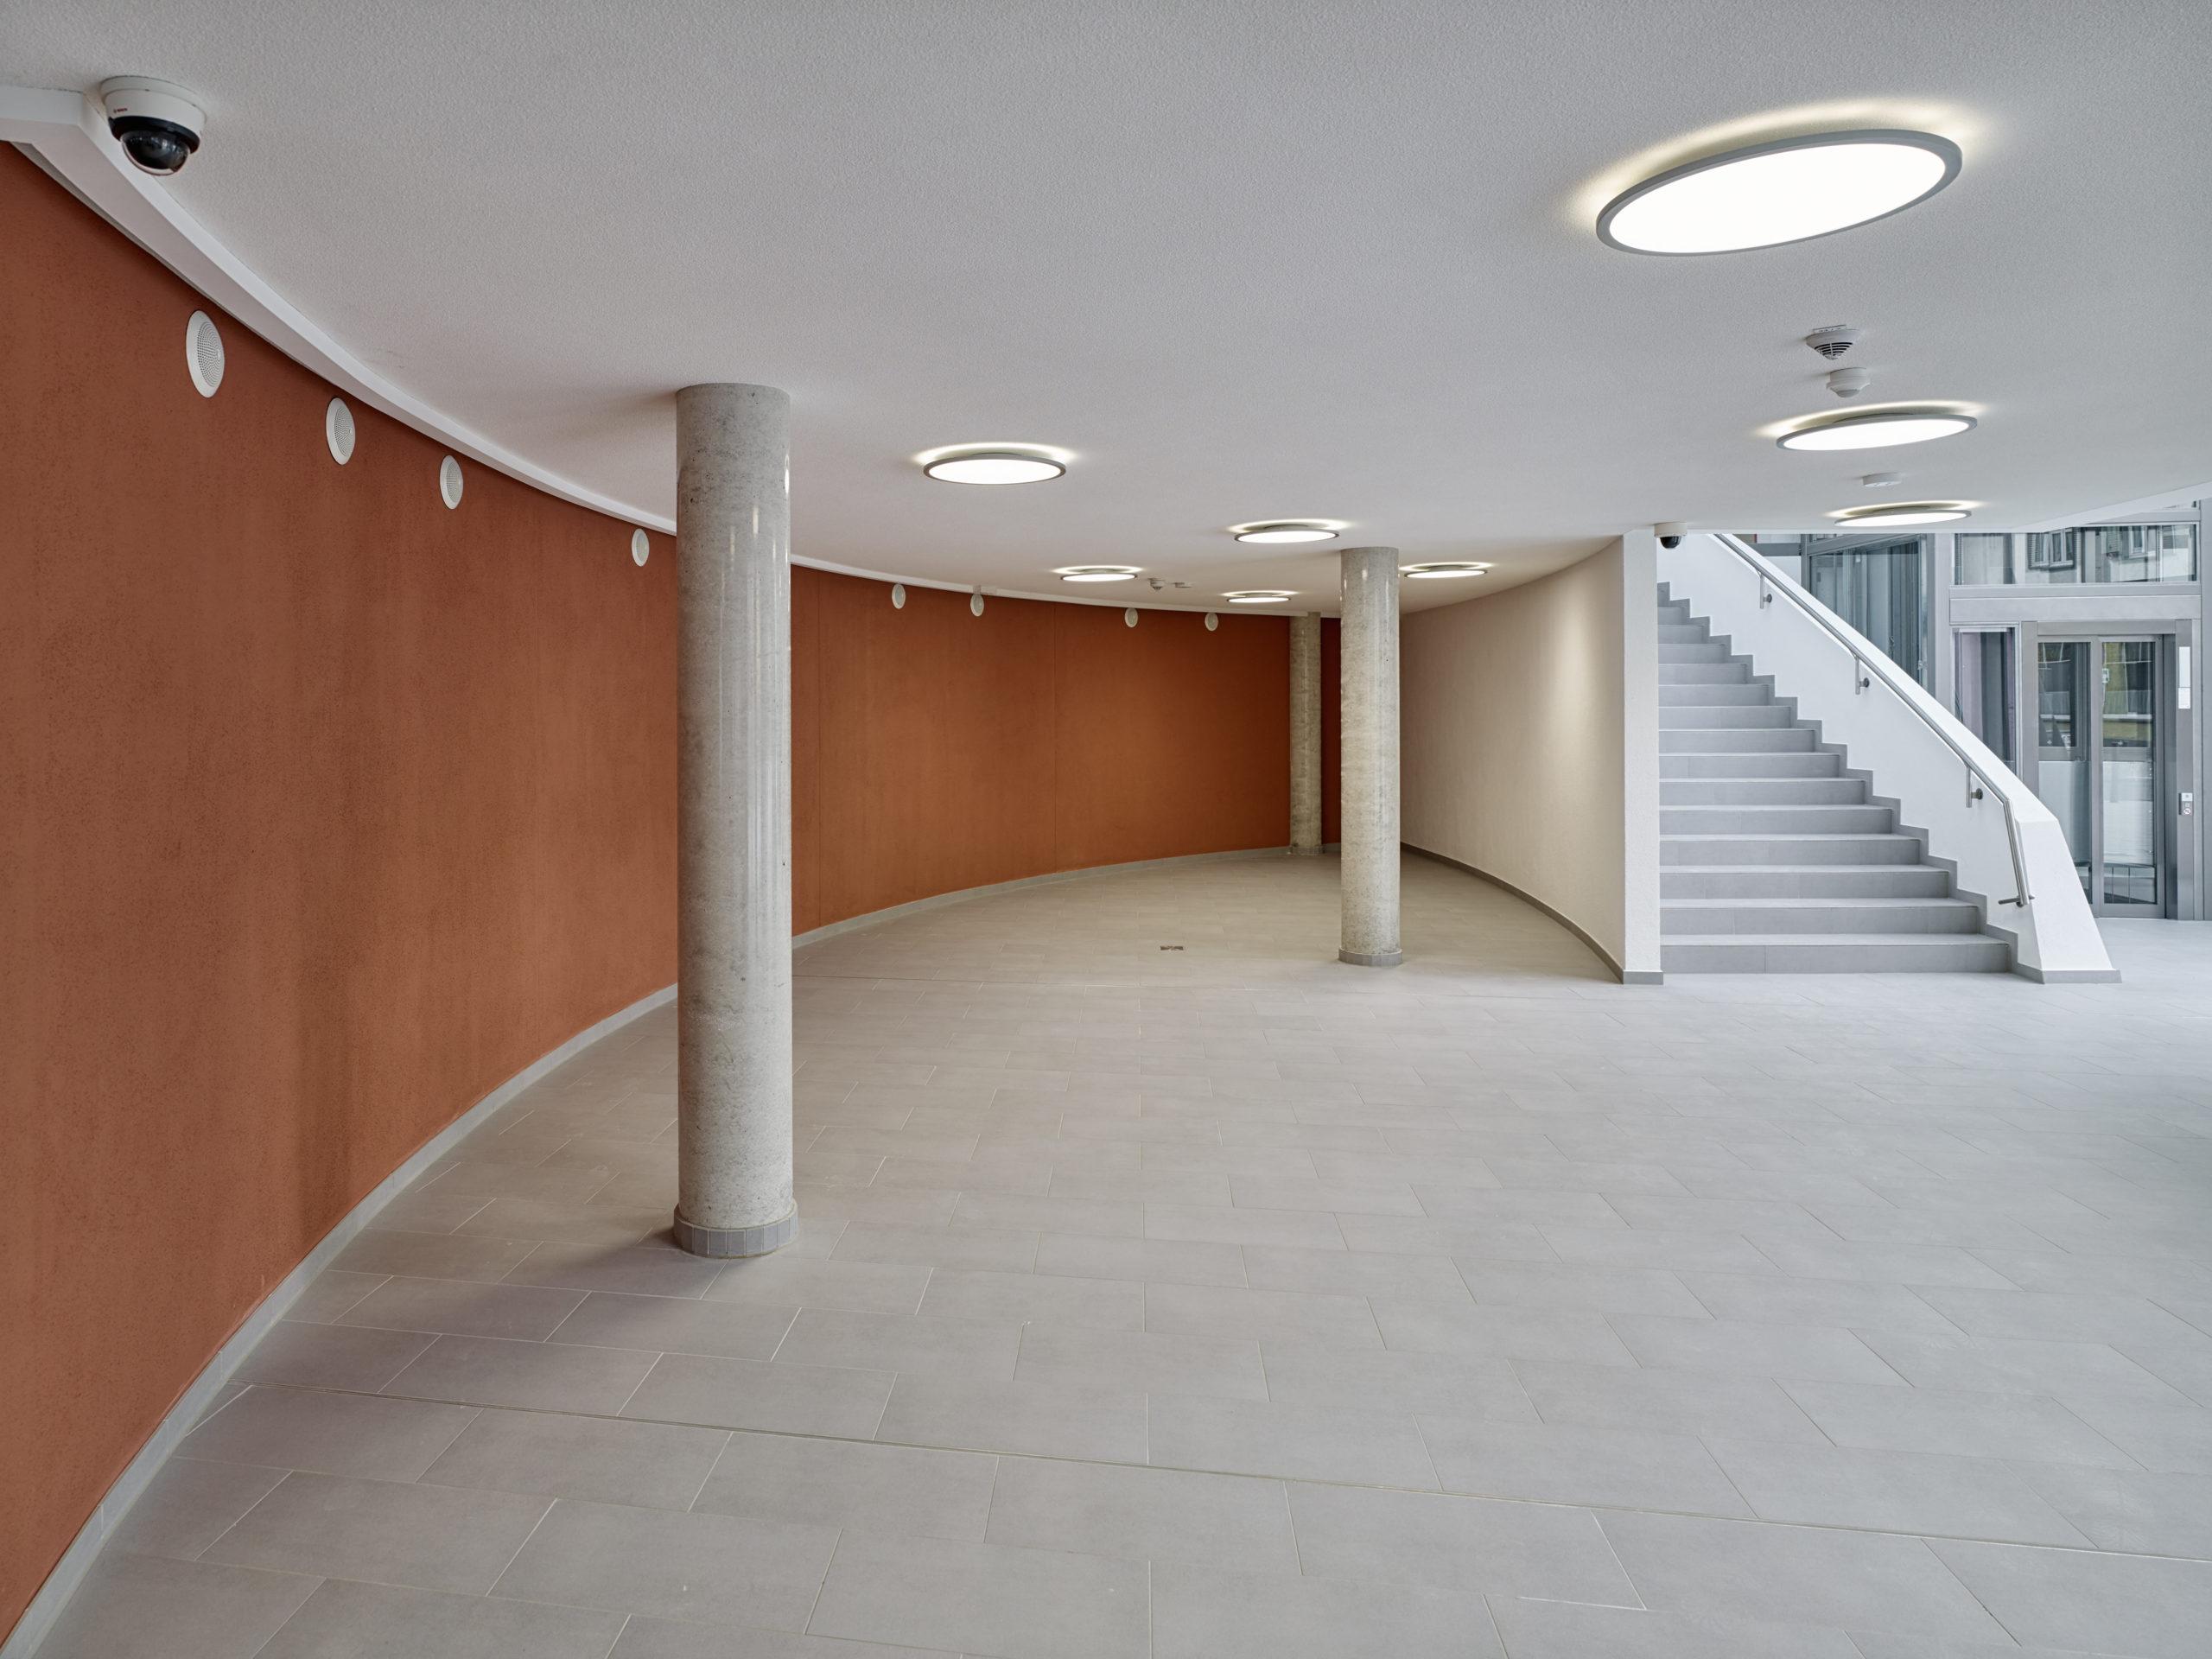 Sparkasse Cochem Flur / Eingangsbereich